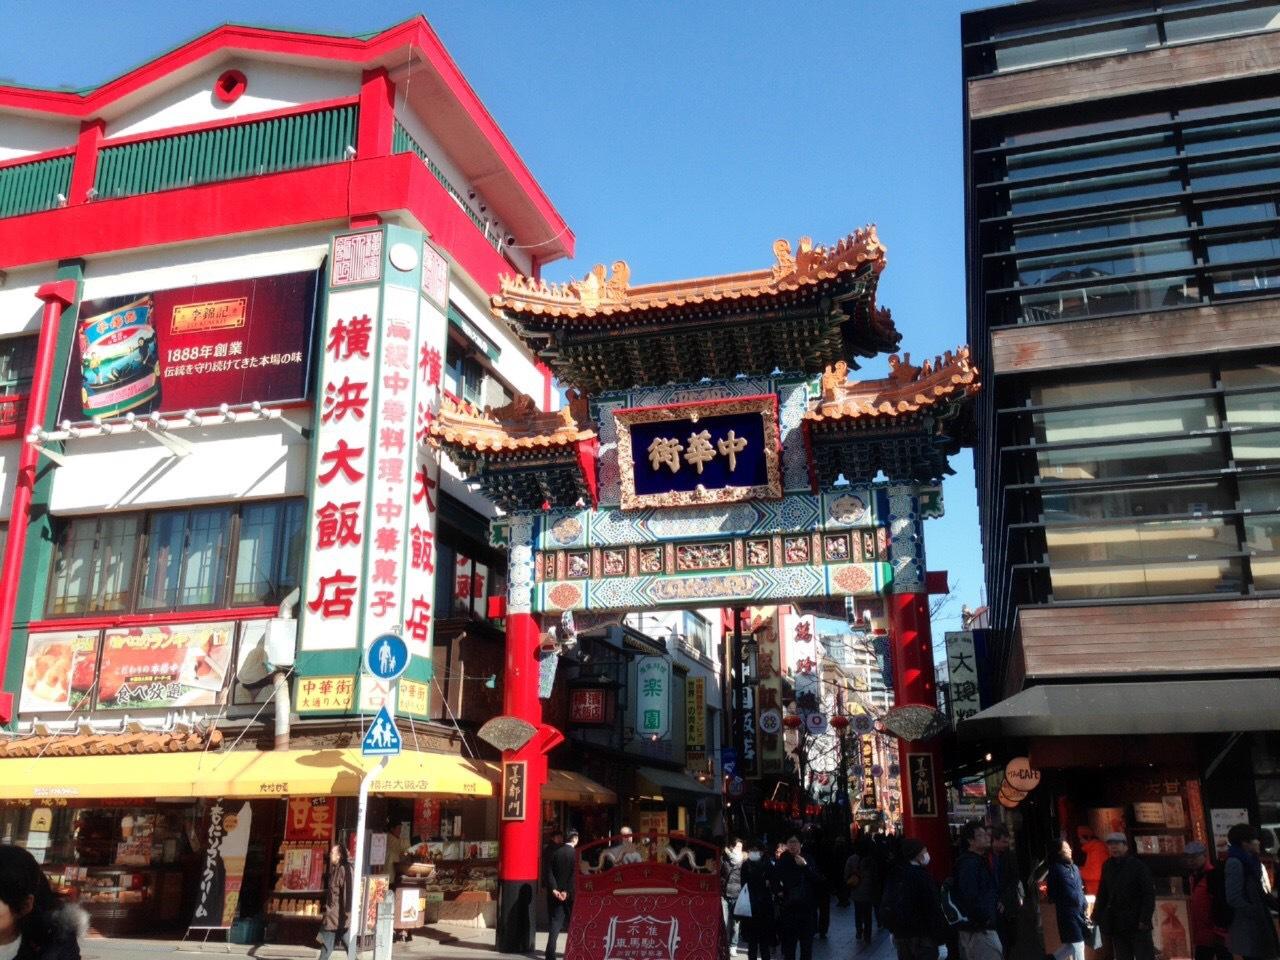 横浜といえばこれ!横浜の外したくない観光名所おすすめ5選!の画像